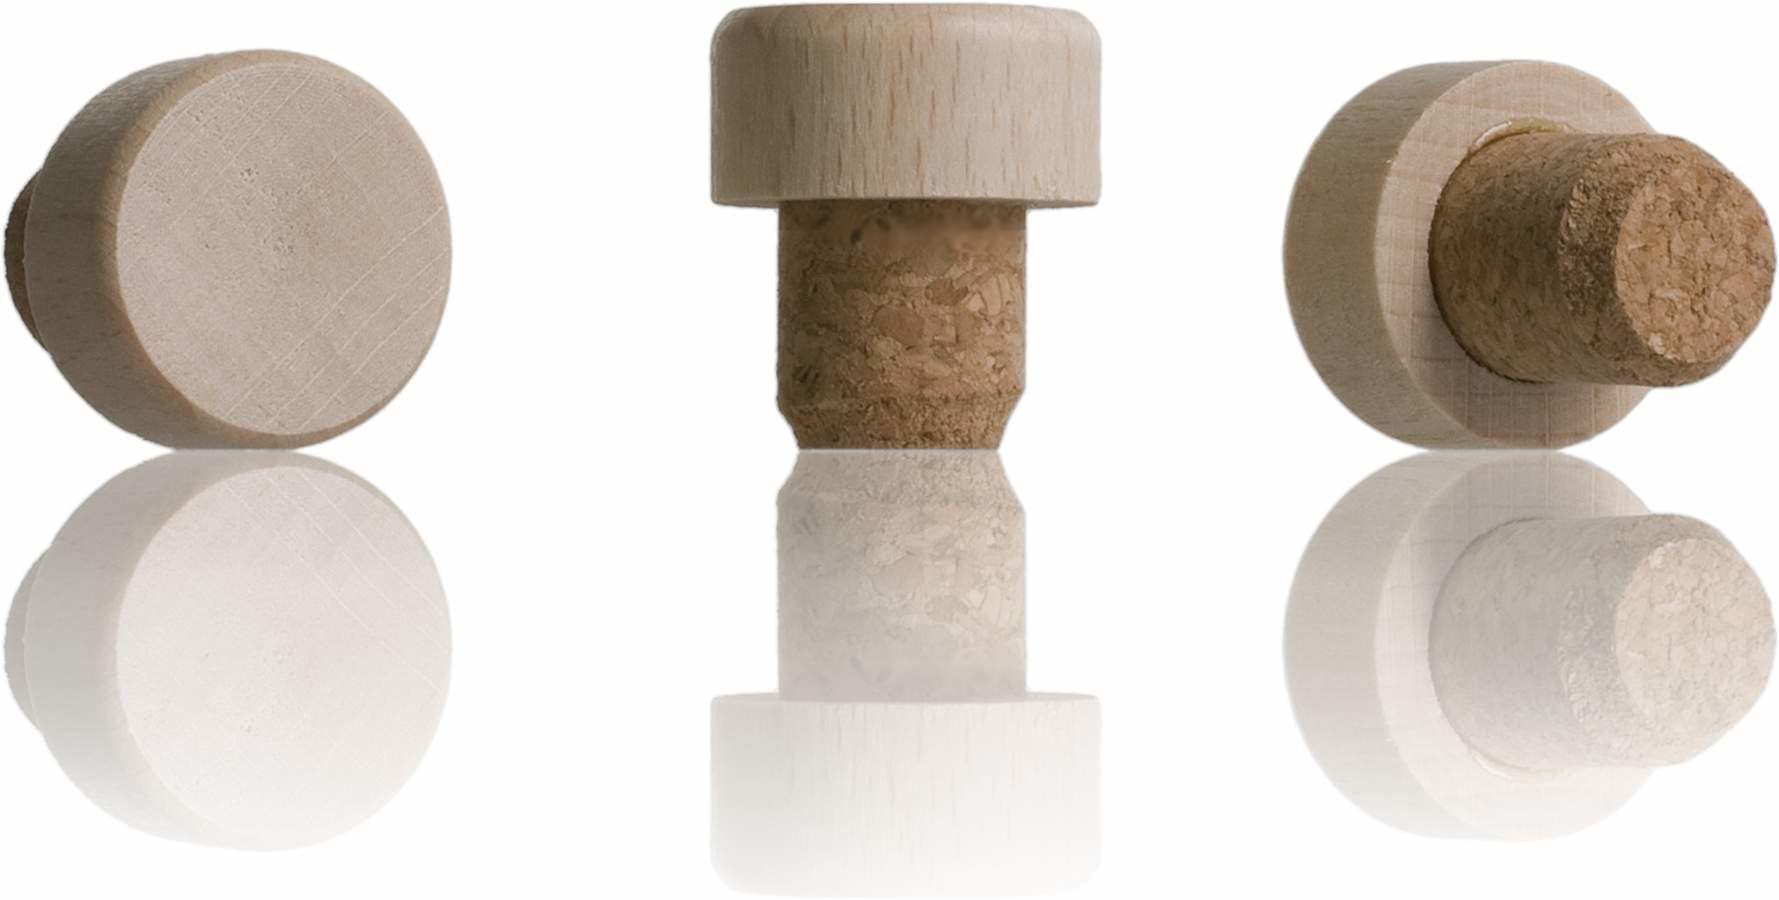 Rolha nº 19 cortiça cabeça madera frasca 100 Sistemas de fecho Rolhas